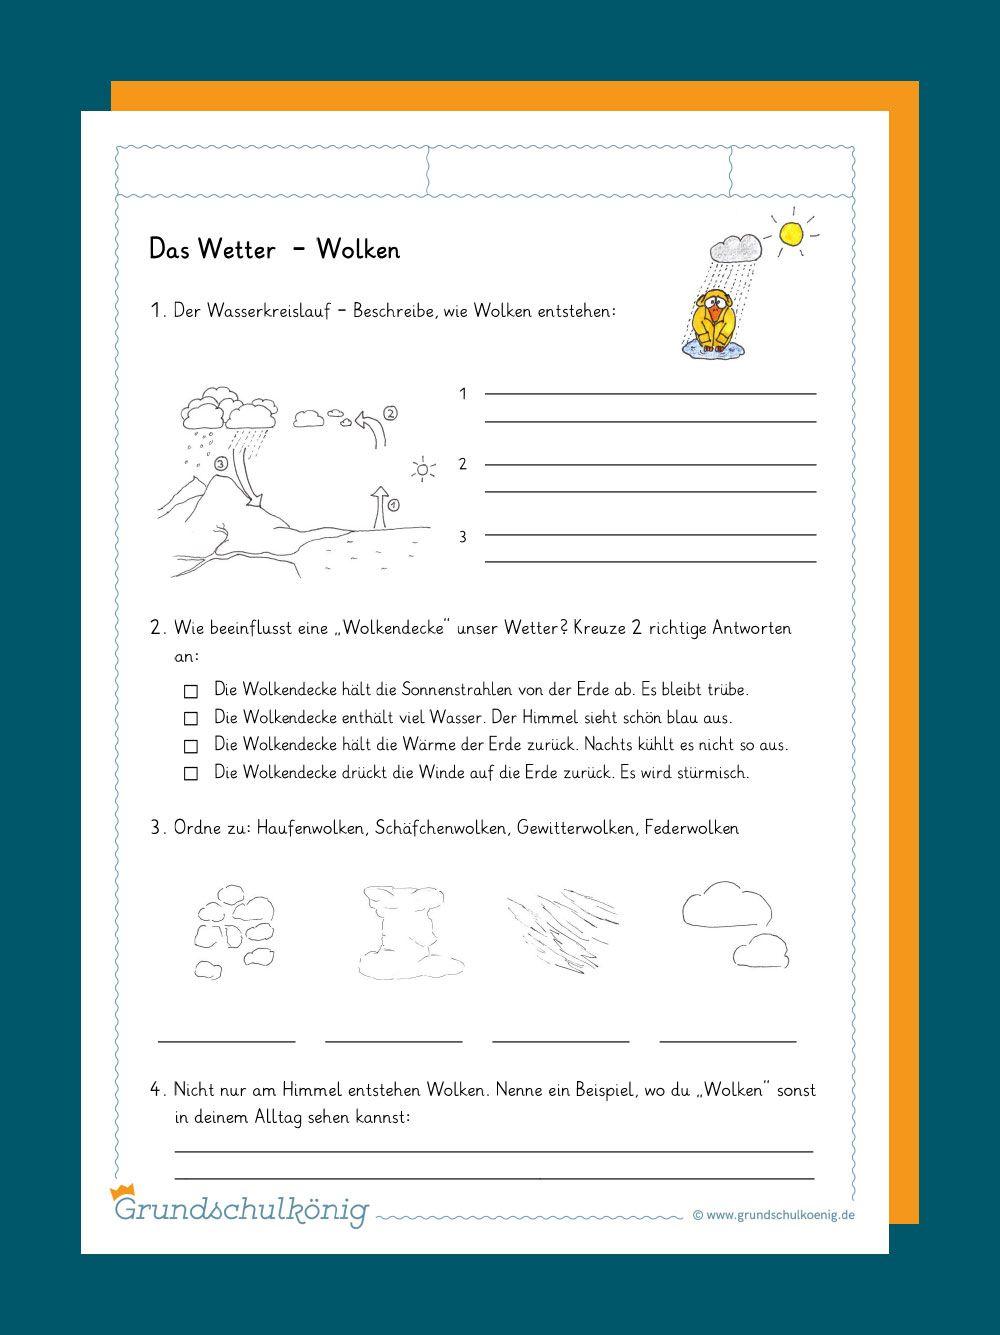 Kostenlose Arbeitsblatter Zum Thema Wetter Und Klima Fur Den Sachunterricht In Der Grundschule Wetter Und Klima Lernen Tipps Schule Sachunterricht Grundschule